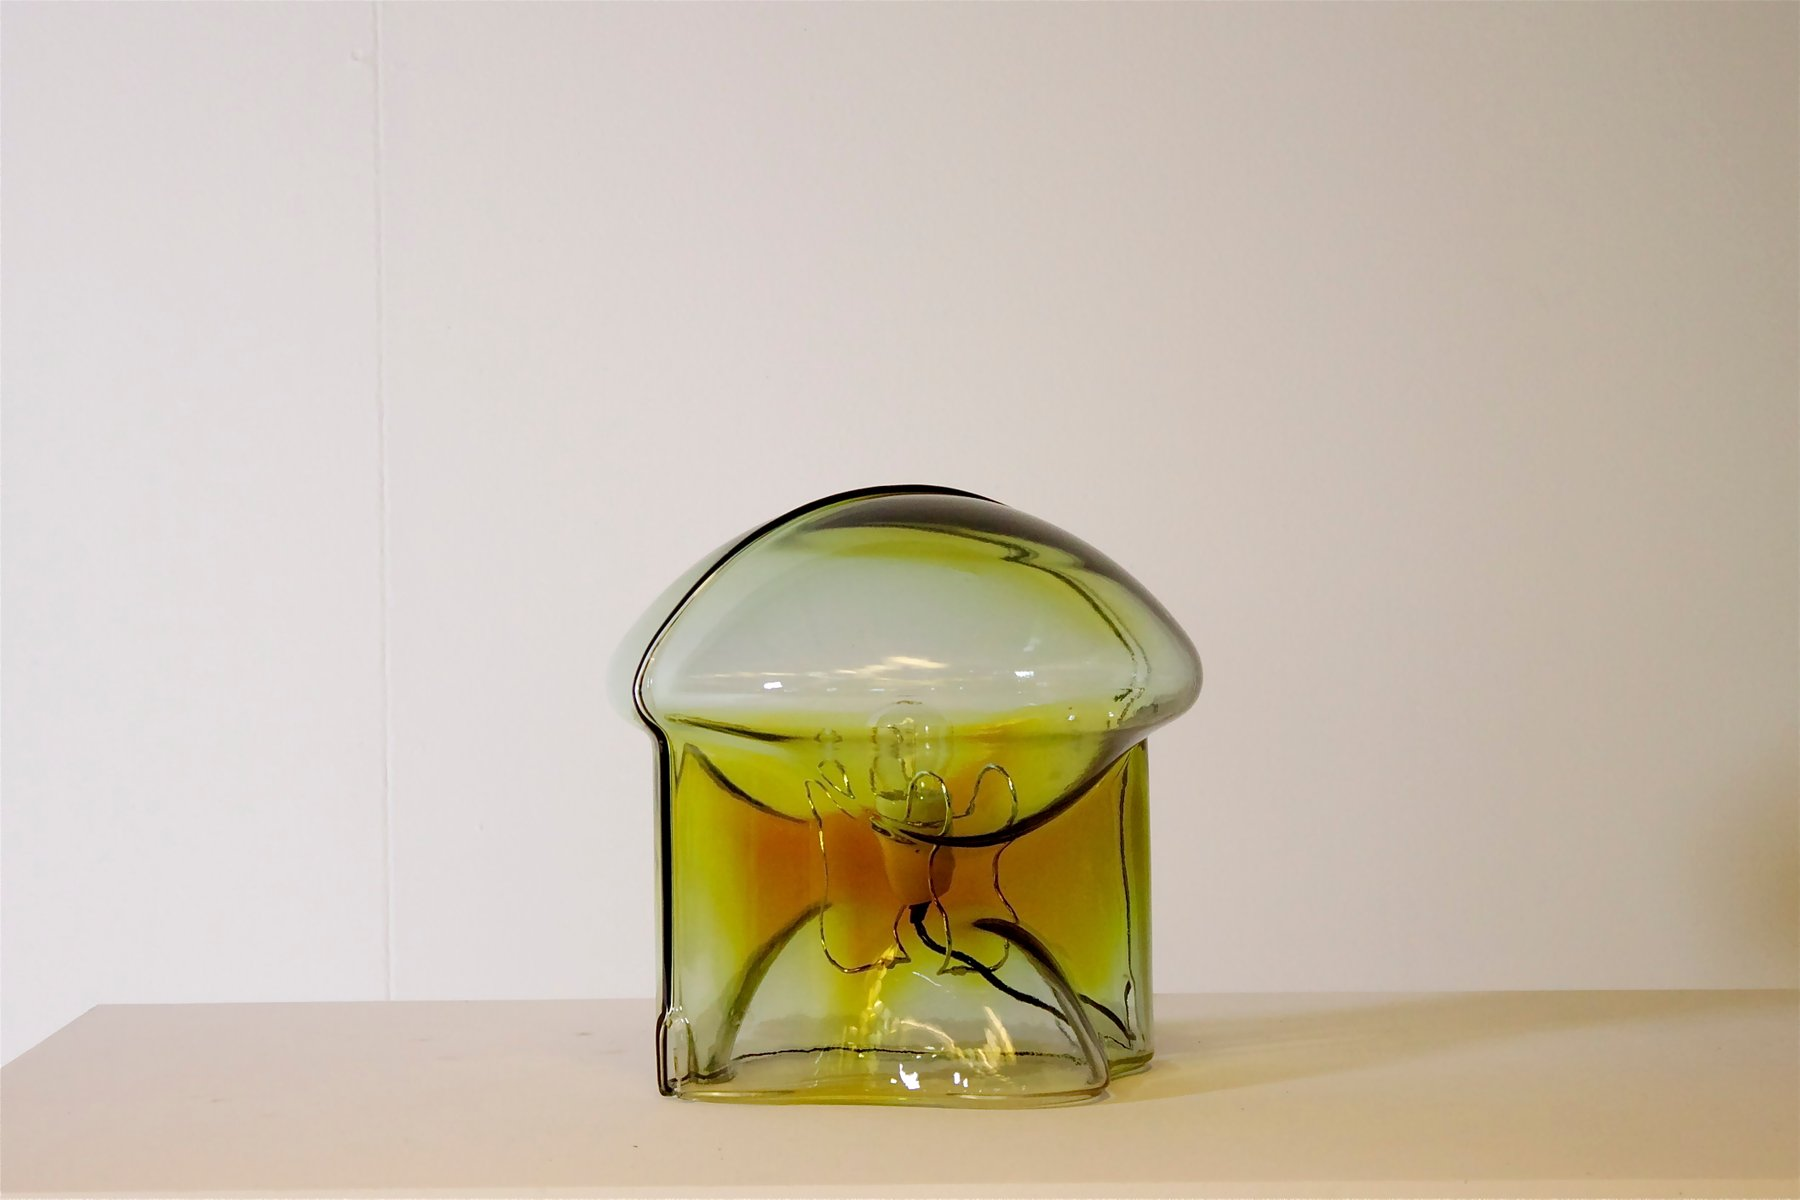 italienische medusa tischlampe aus glas von umberto riva f r veart bei pamono kaufen. Black Bedroom Furniture Sets. Home Design Ideas